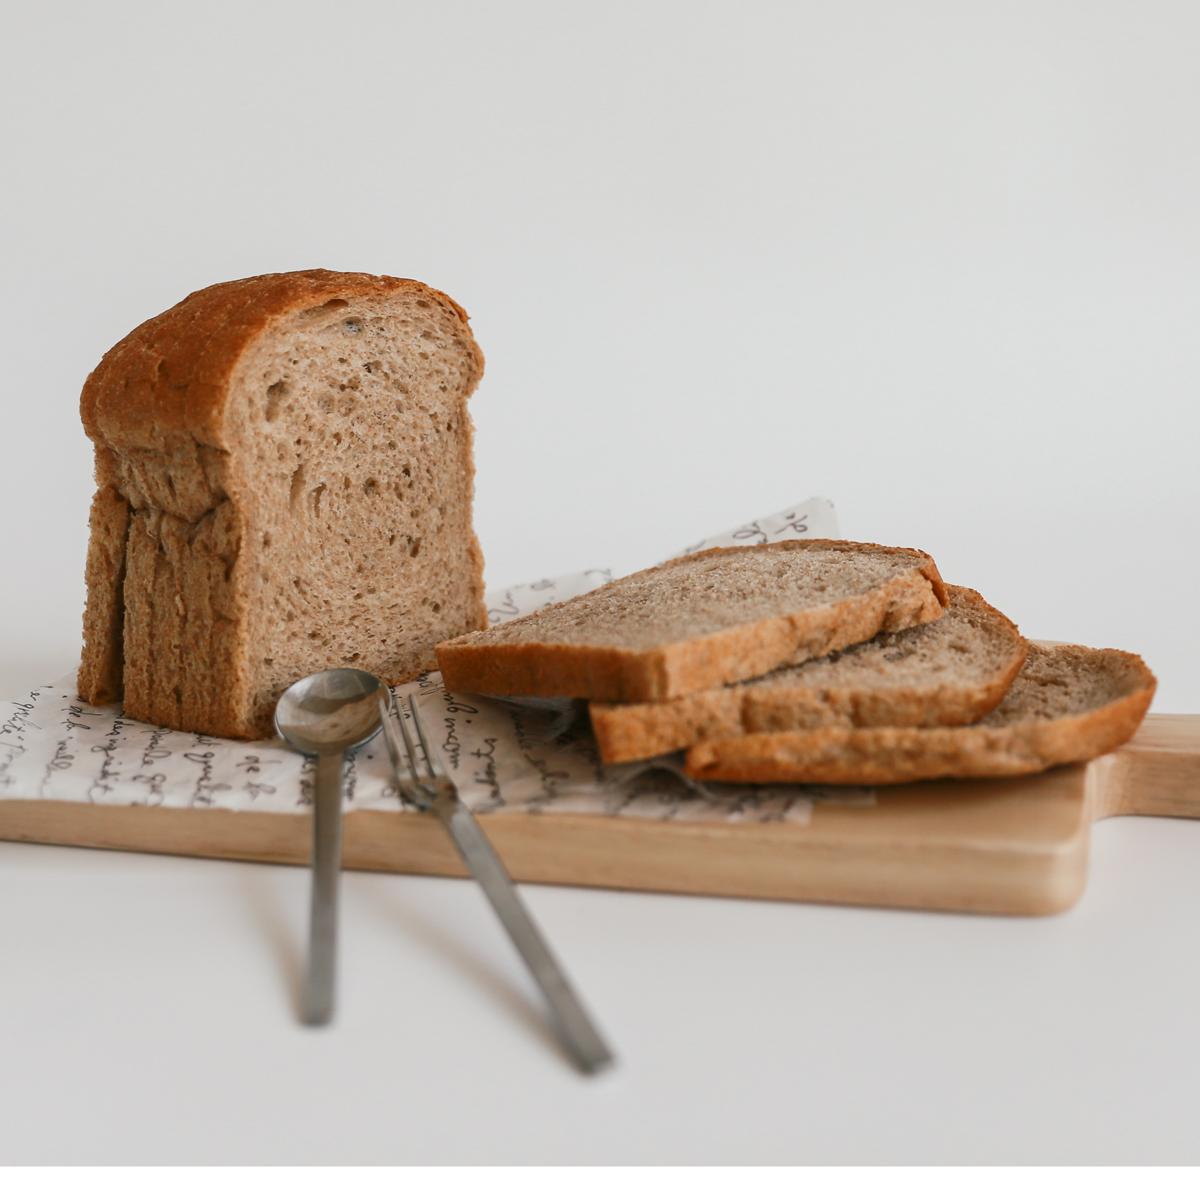 [빛가을르빵] 우리밀통밀빵 통밀100%식빵 (천연발효빵 무설탕 무첨가제 정직한빵), 300g, 1개